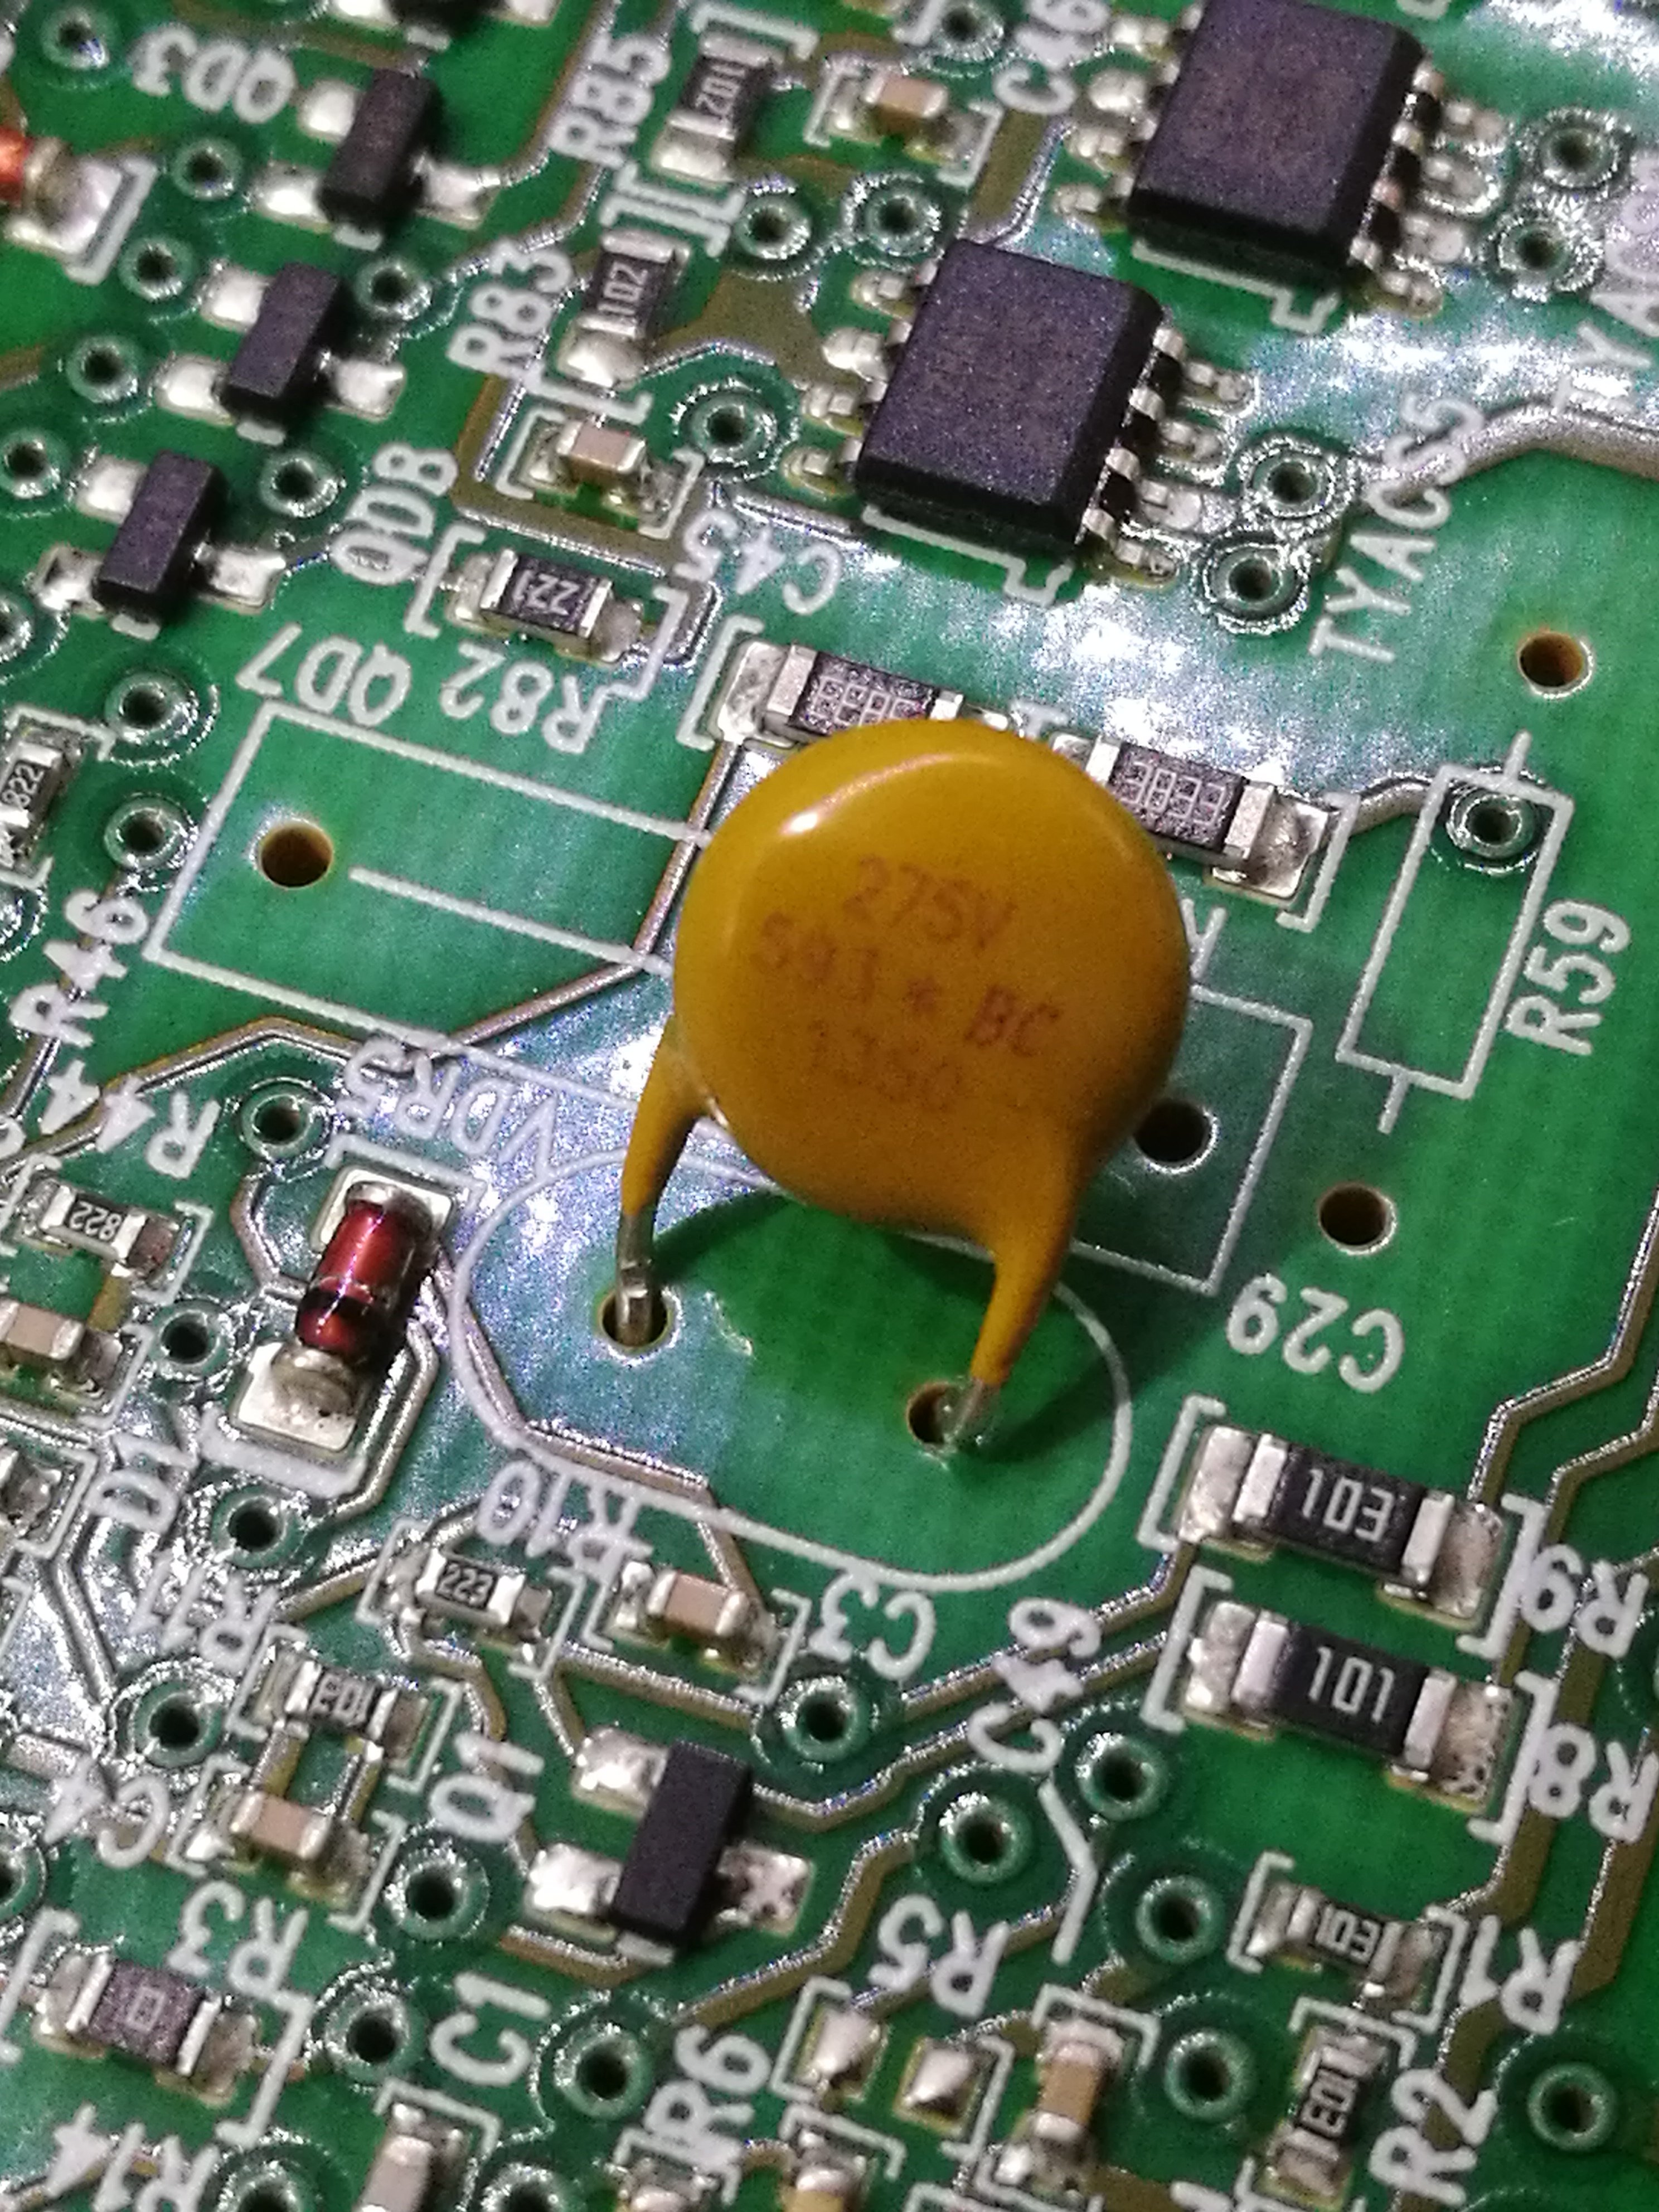 Lavastoviglie Rex Techna TT800 - Non scalda l\'acqua - *** RISOLTO ...